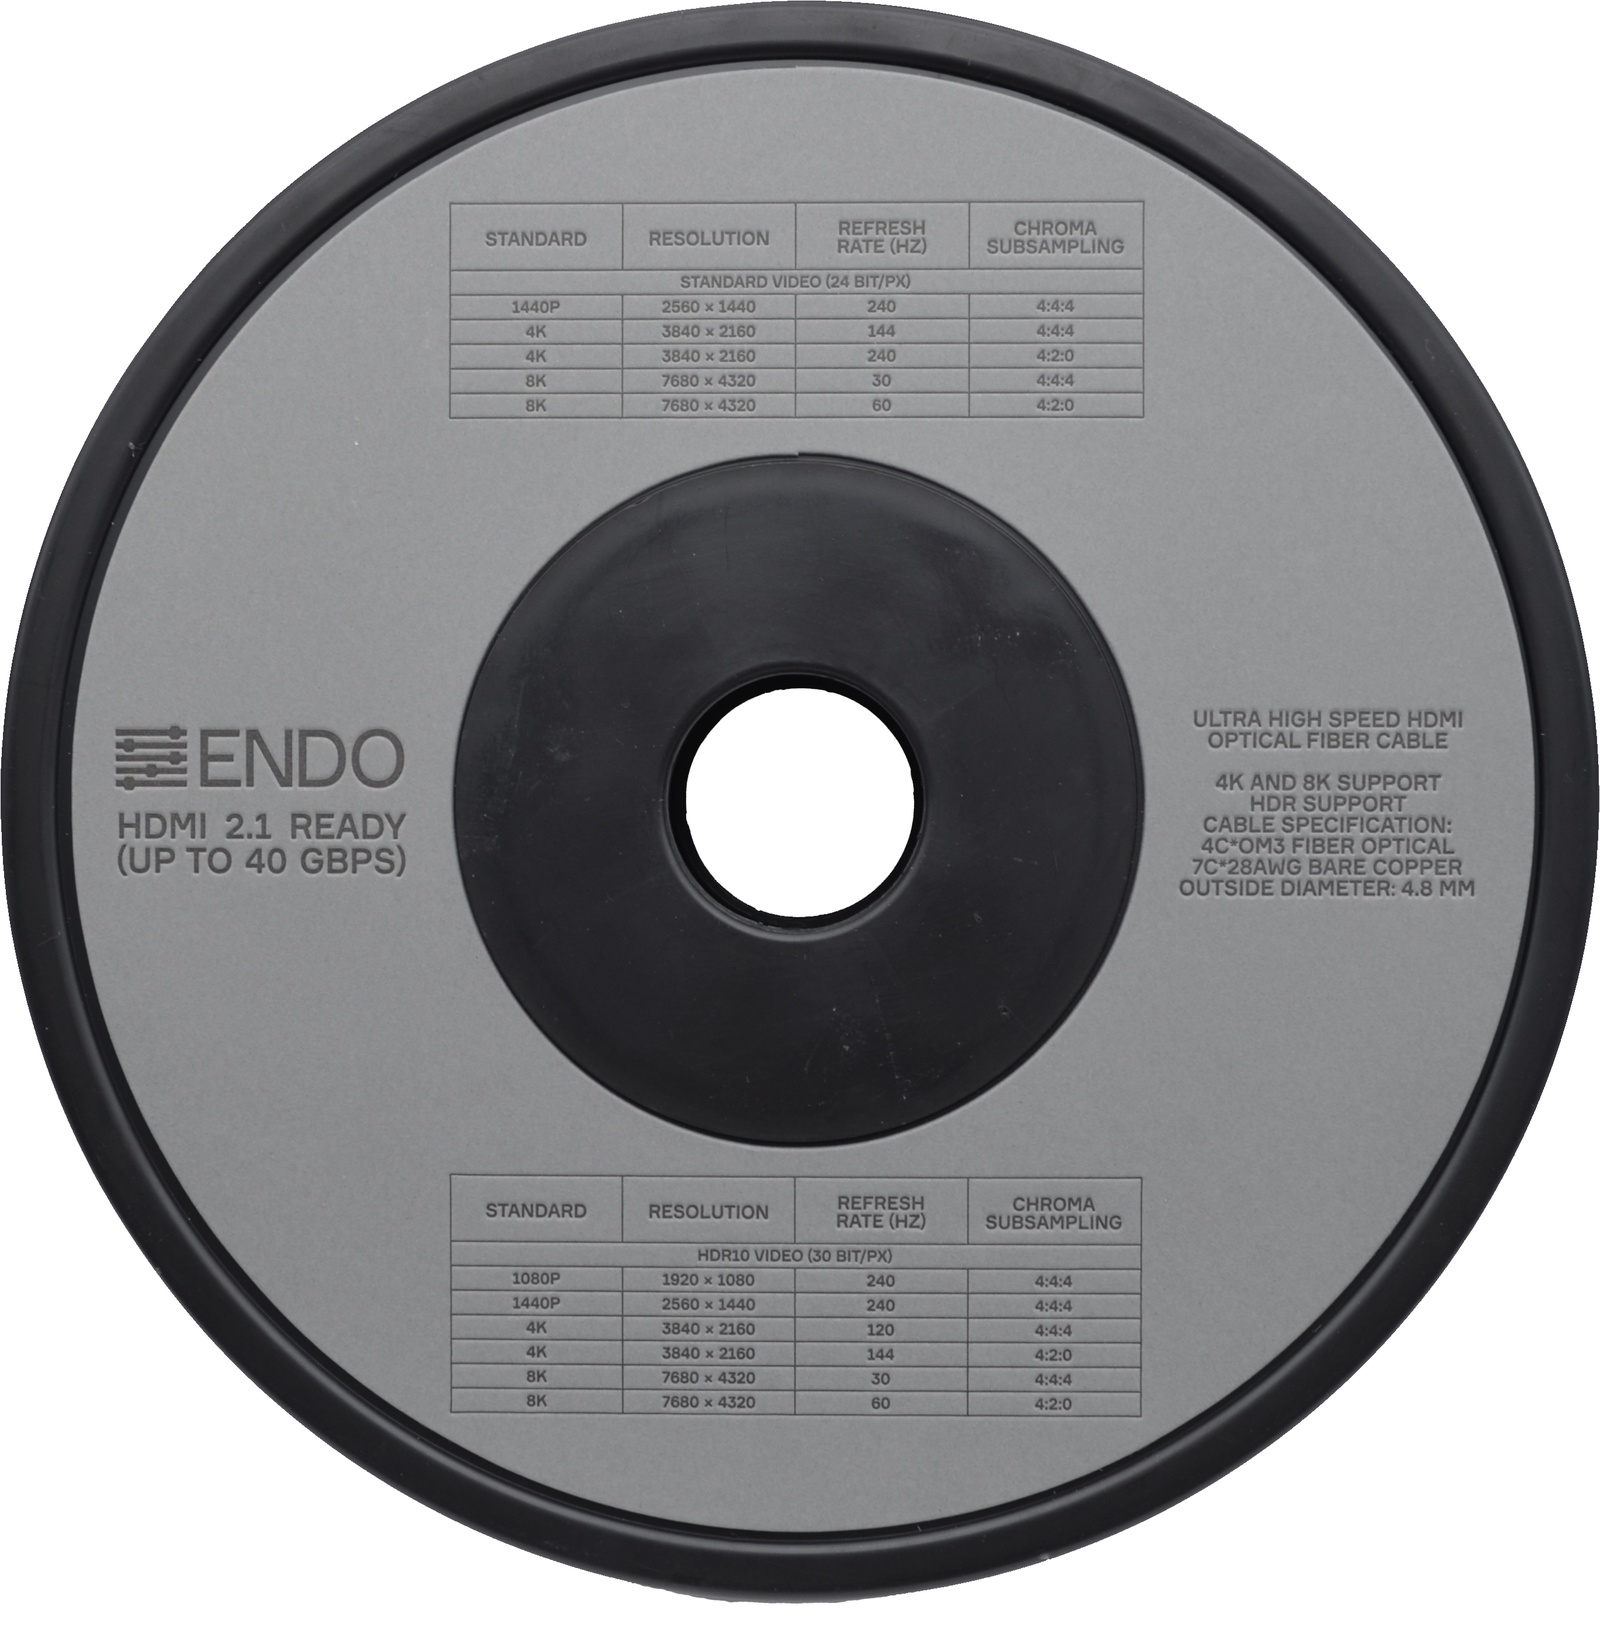 Кабель ENDO Inspiration HDMI - micro-HDMI/HDMI 2.1 READY 80 м где часы завода чайка